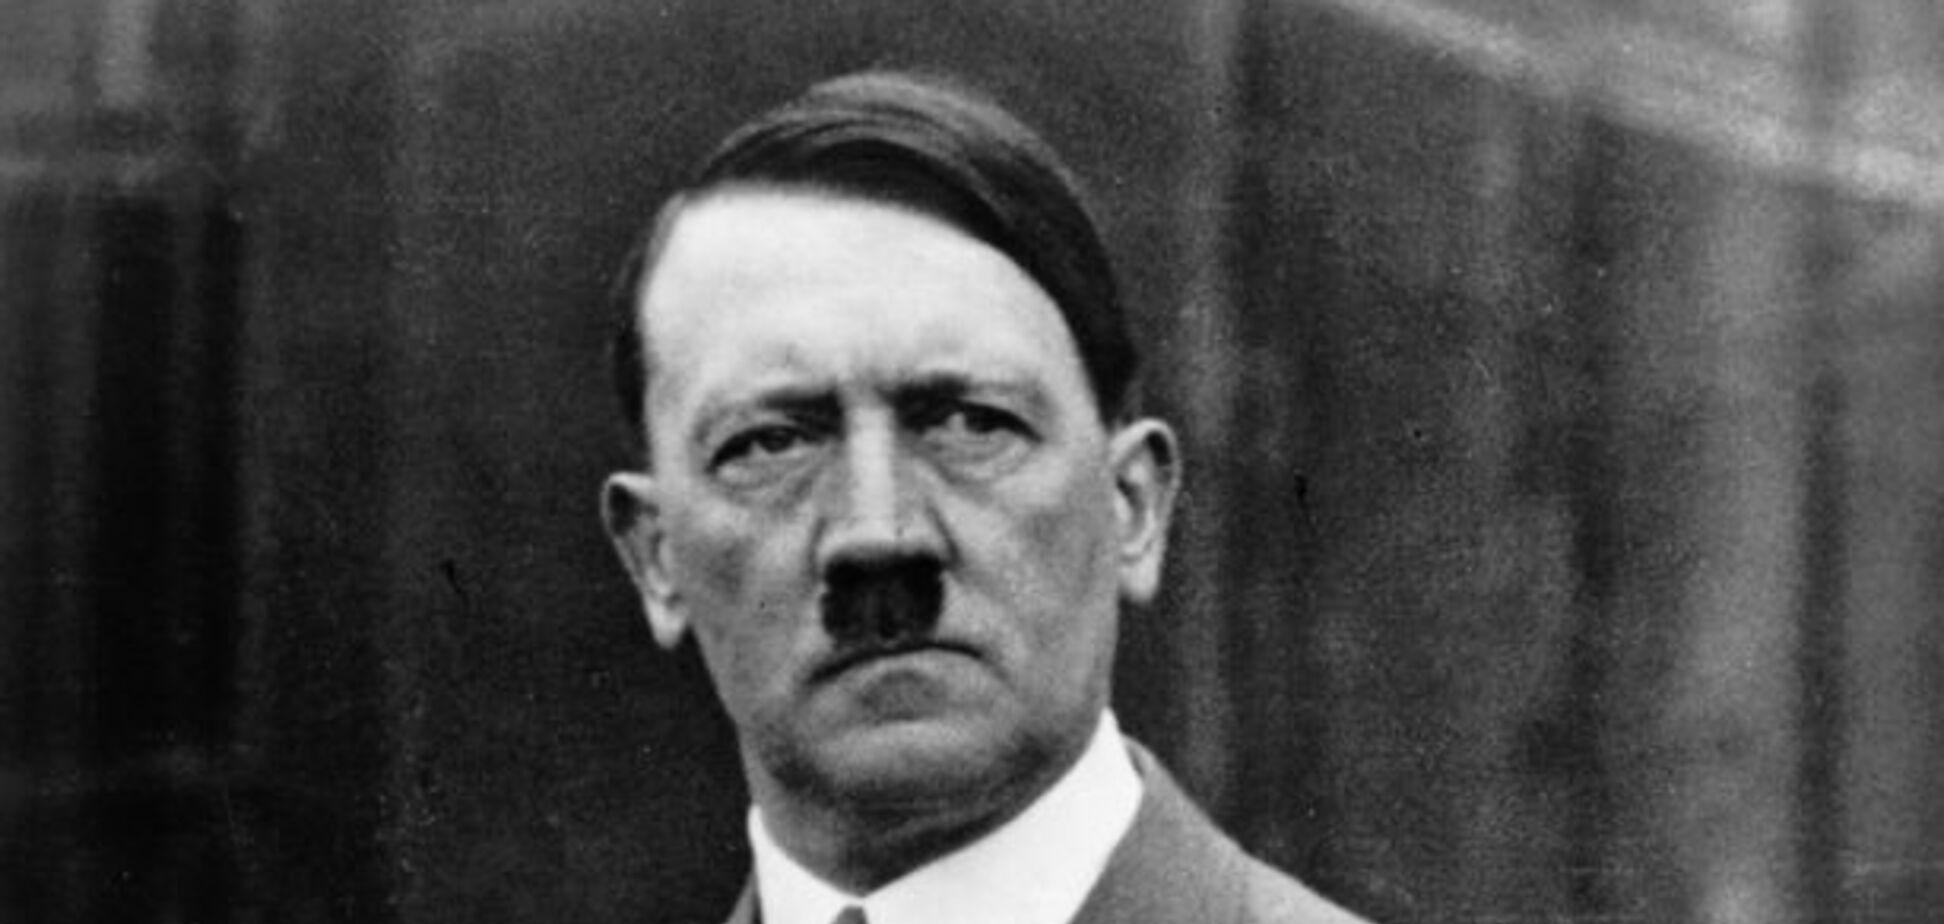 75 років тому фюрер Третього рейху Адольф Гітлер наклав на себе руки